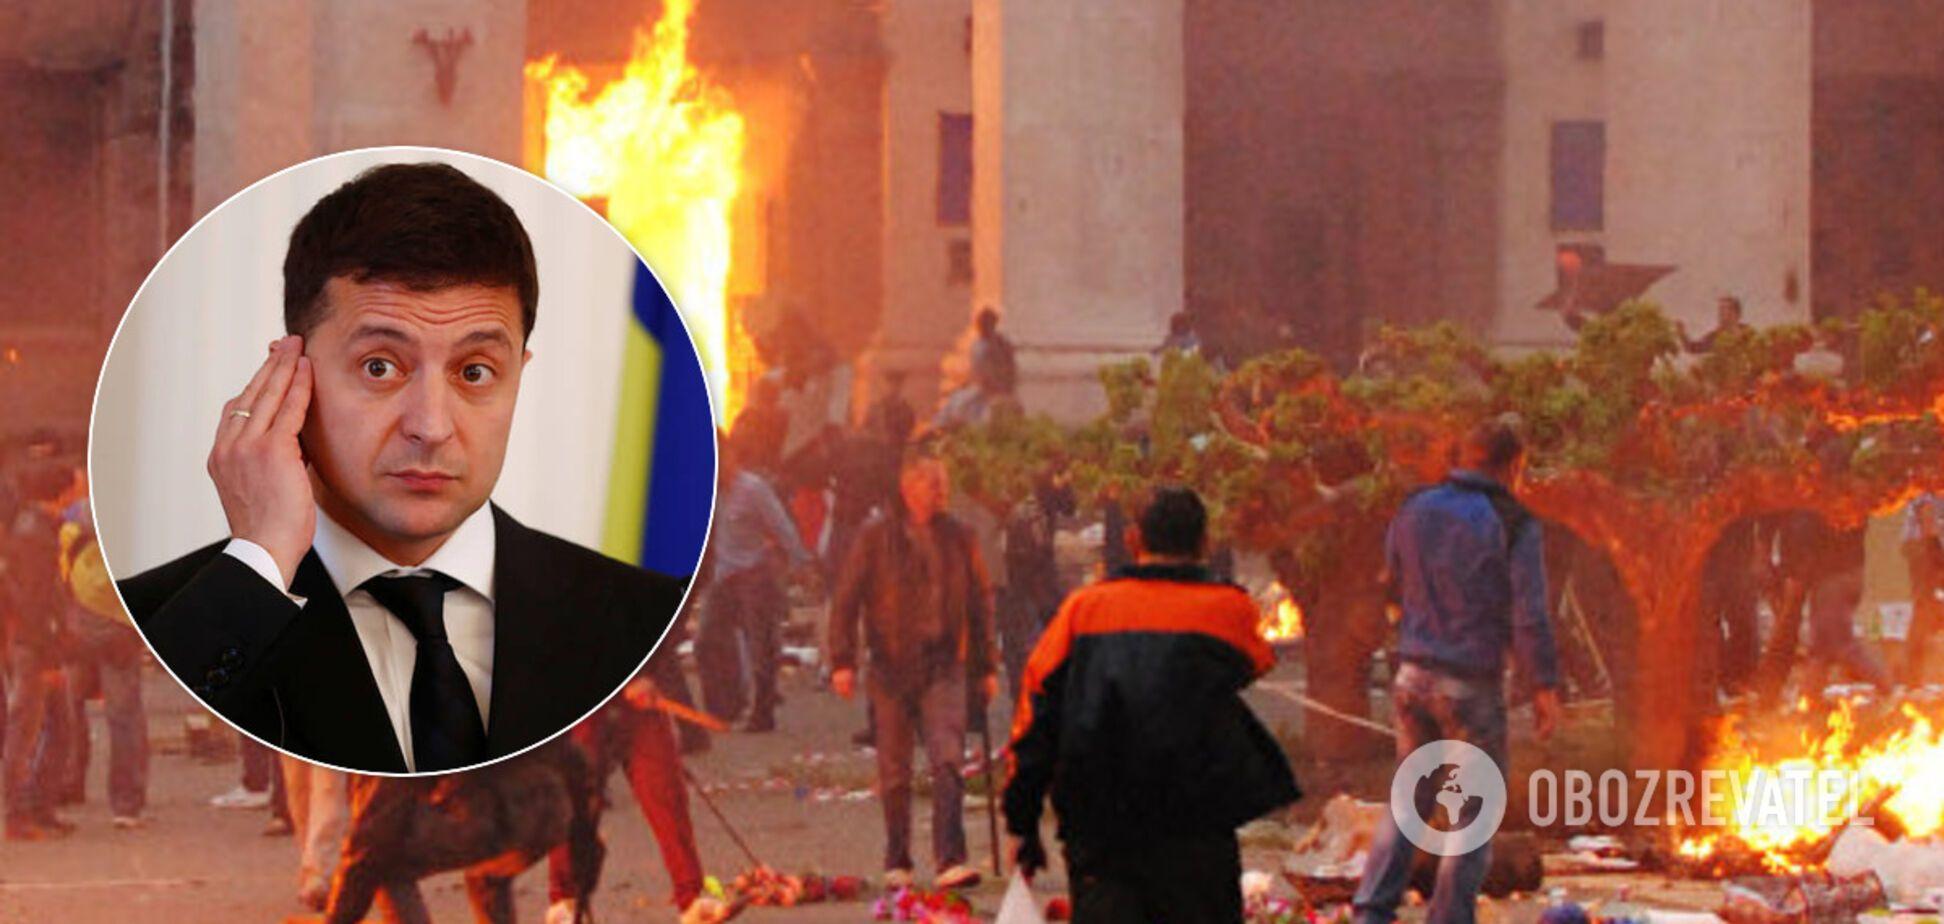 Зеленский разозлил украинцев своей реакцией на трагедию в Одессе